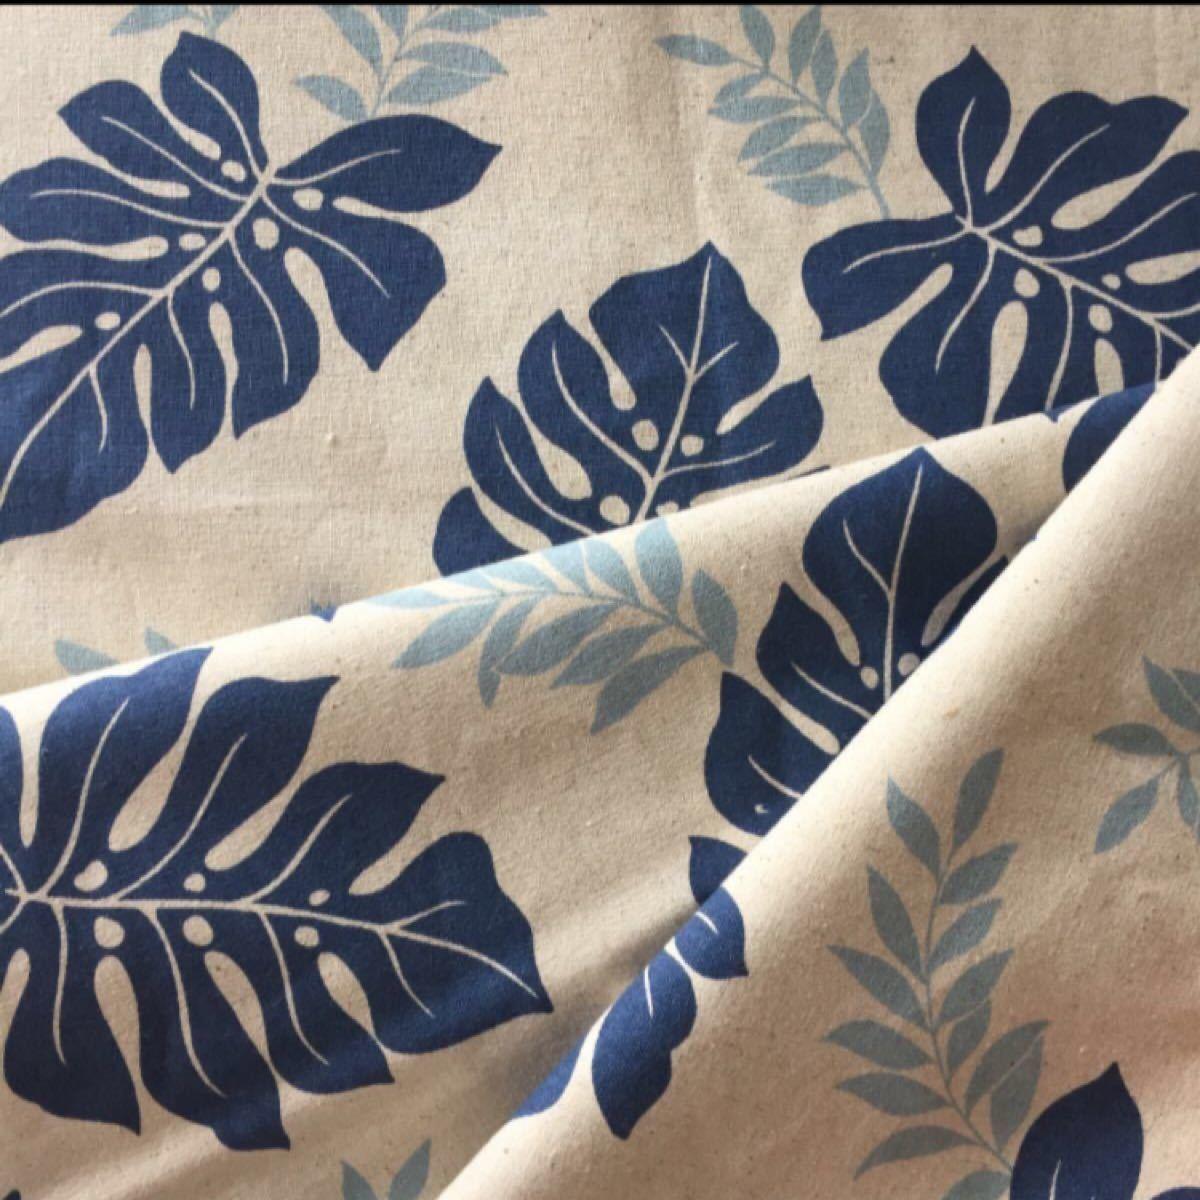 綿麻生地☆ハワイアンリーフ 110×150 青 夏 葉 キャンバス はぎれ 生成 日本製 モンステラ